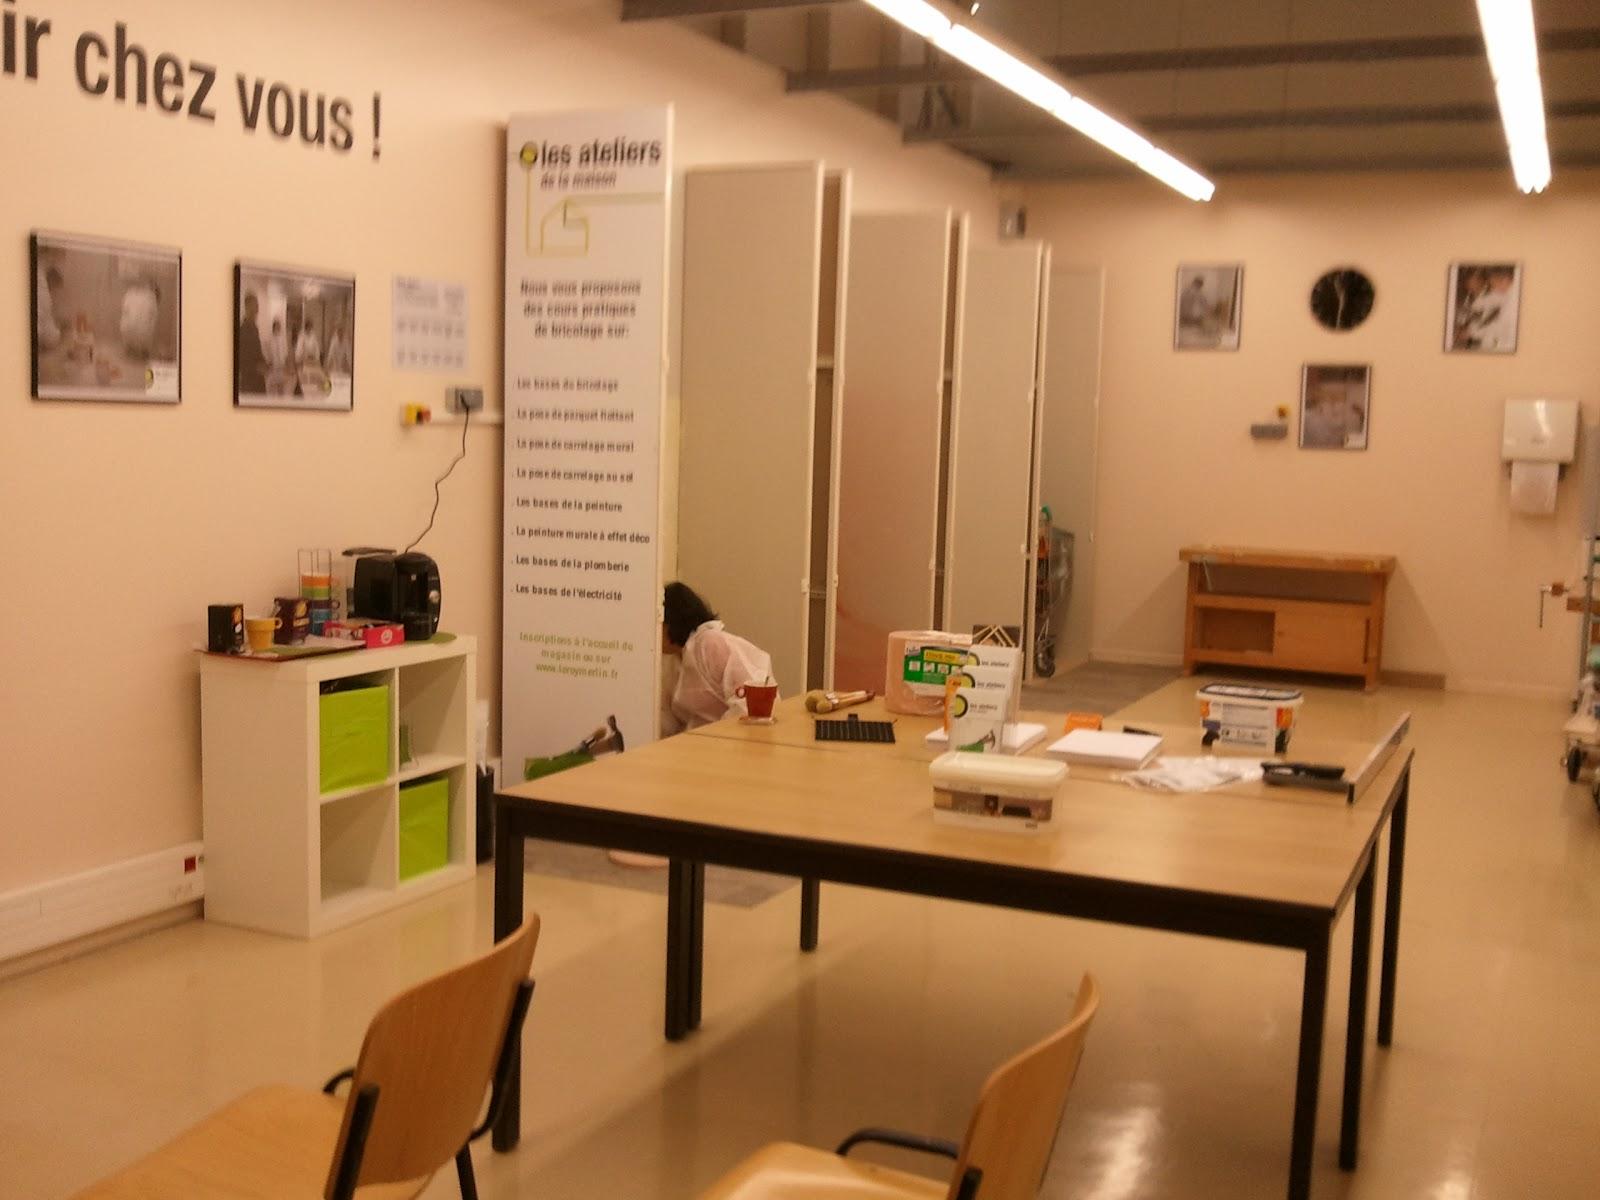 Cours De Bricolage Admt Peinture à Effets Leroy Merlin Massy